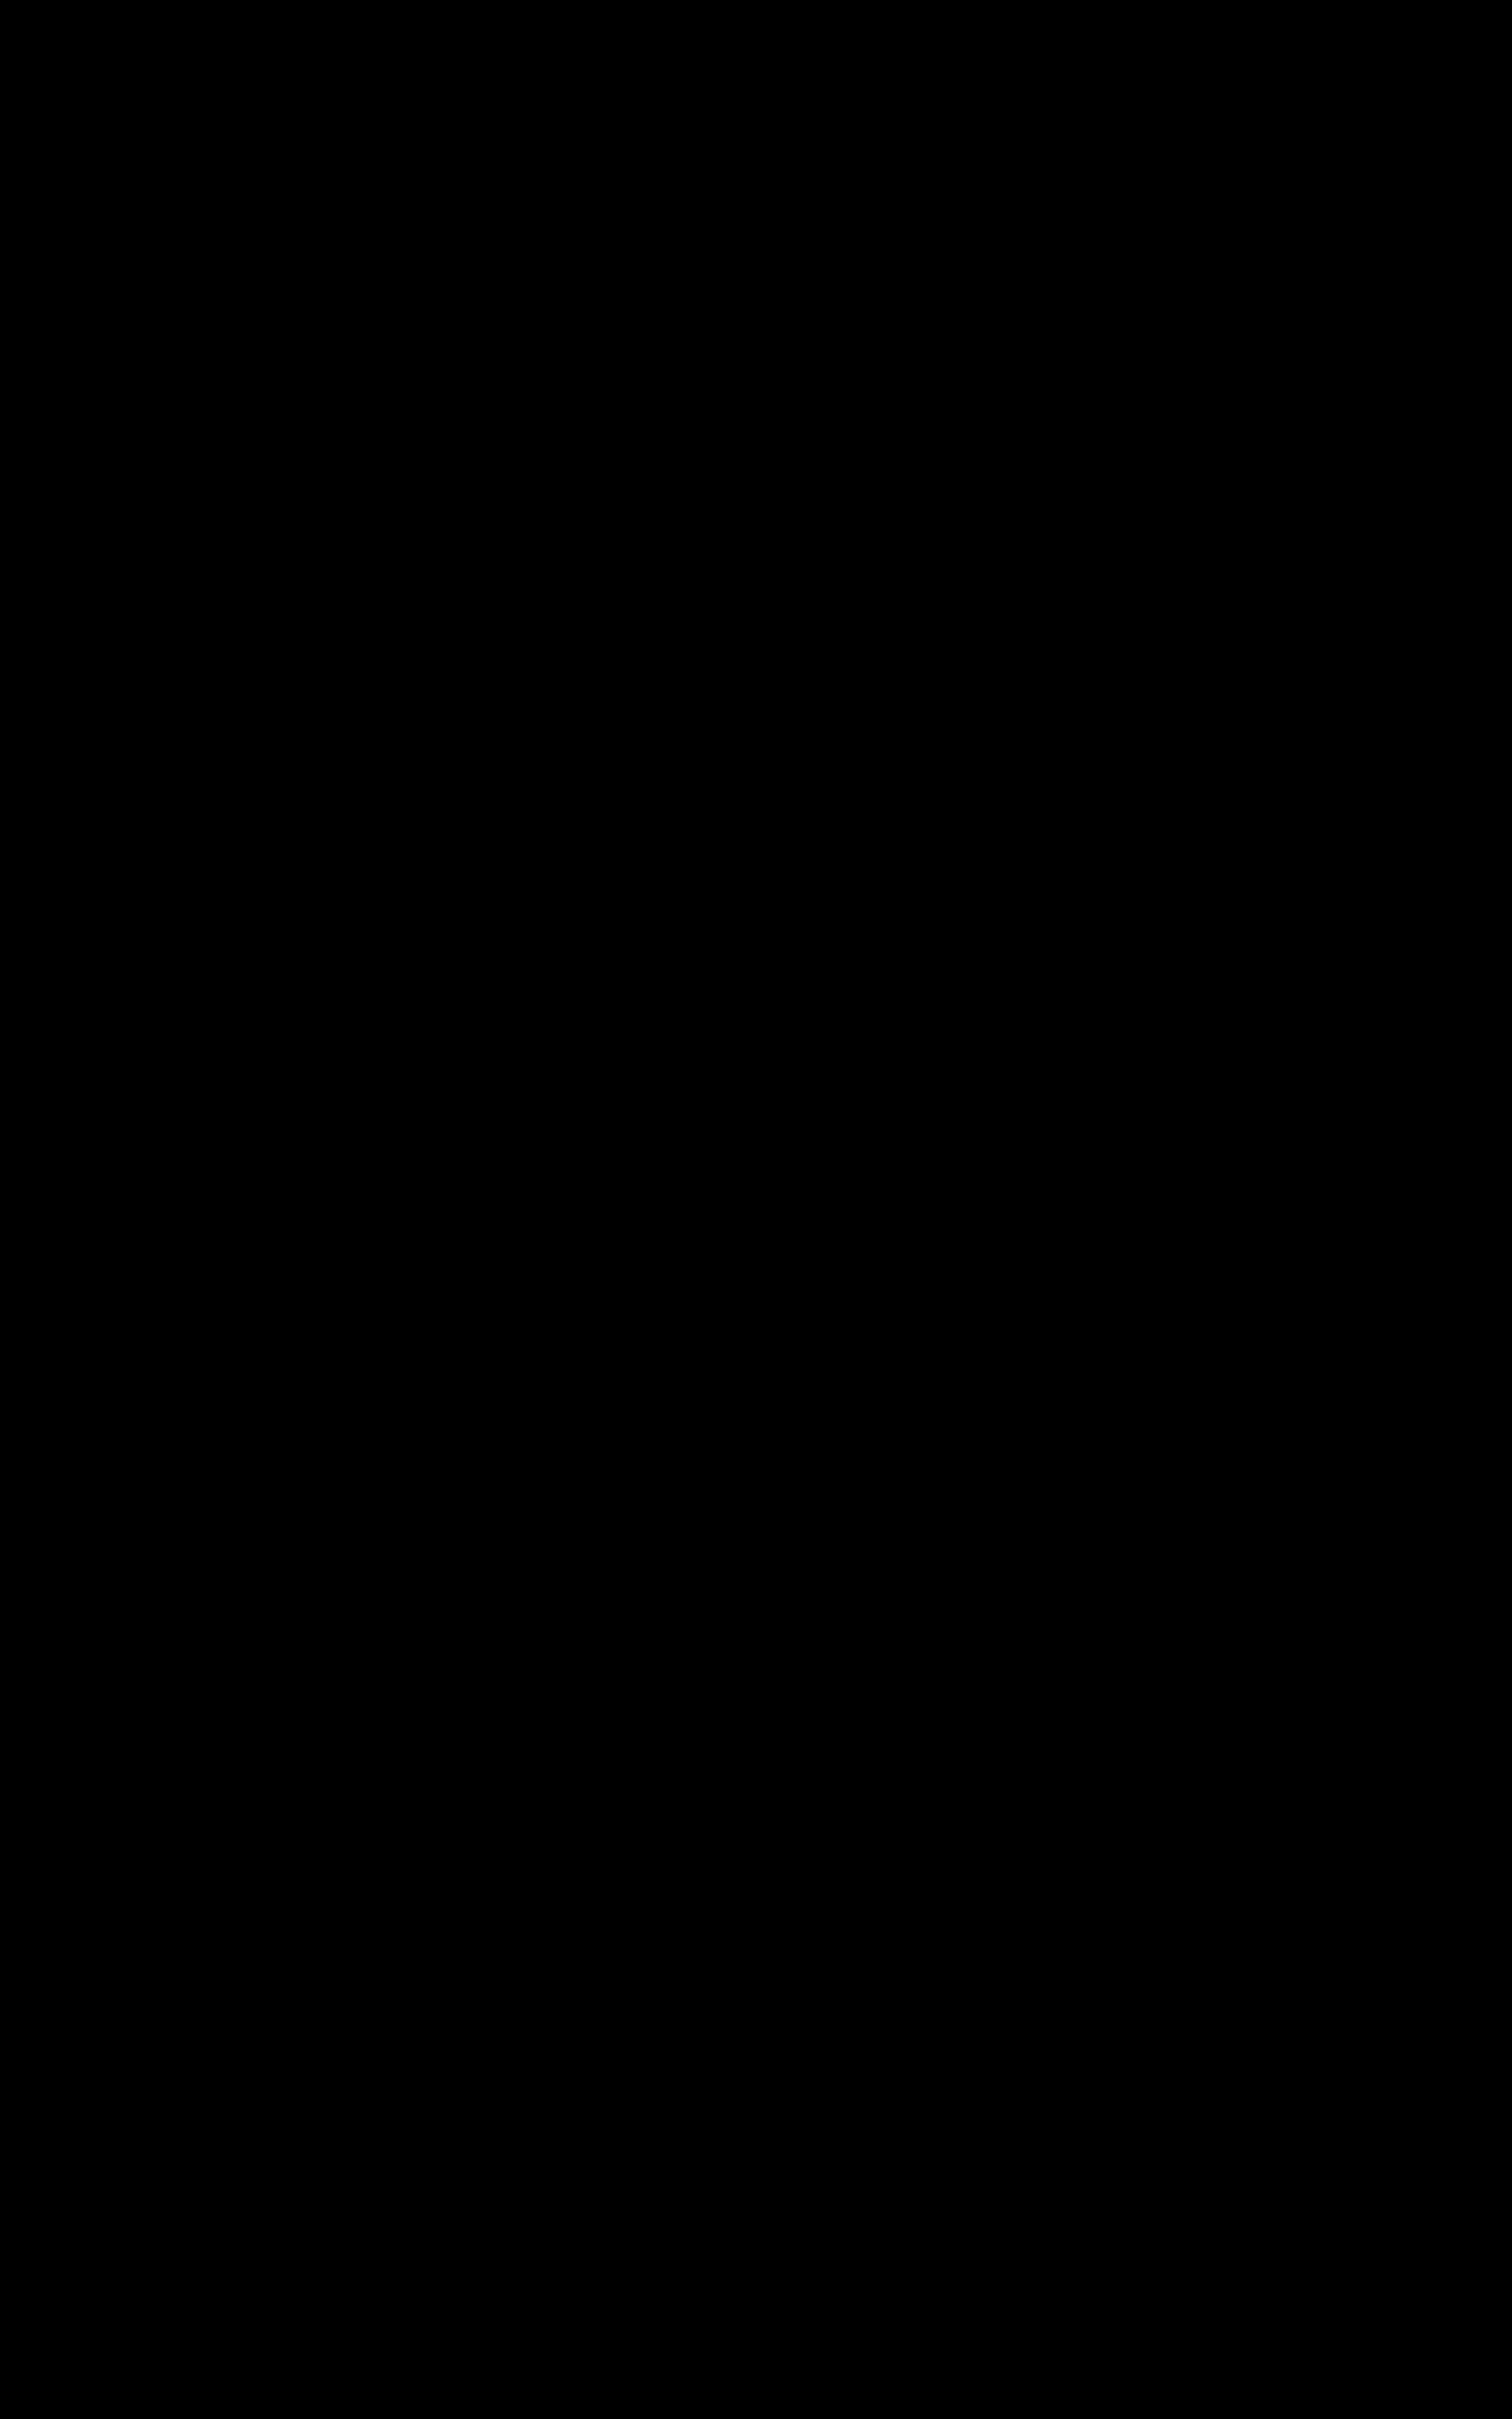 La tradición en Hayek, de Elena García